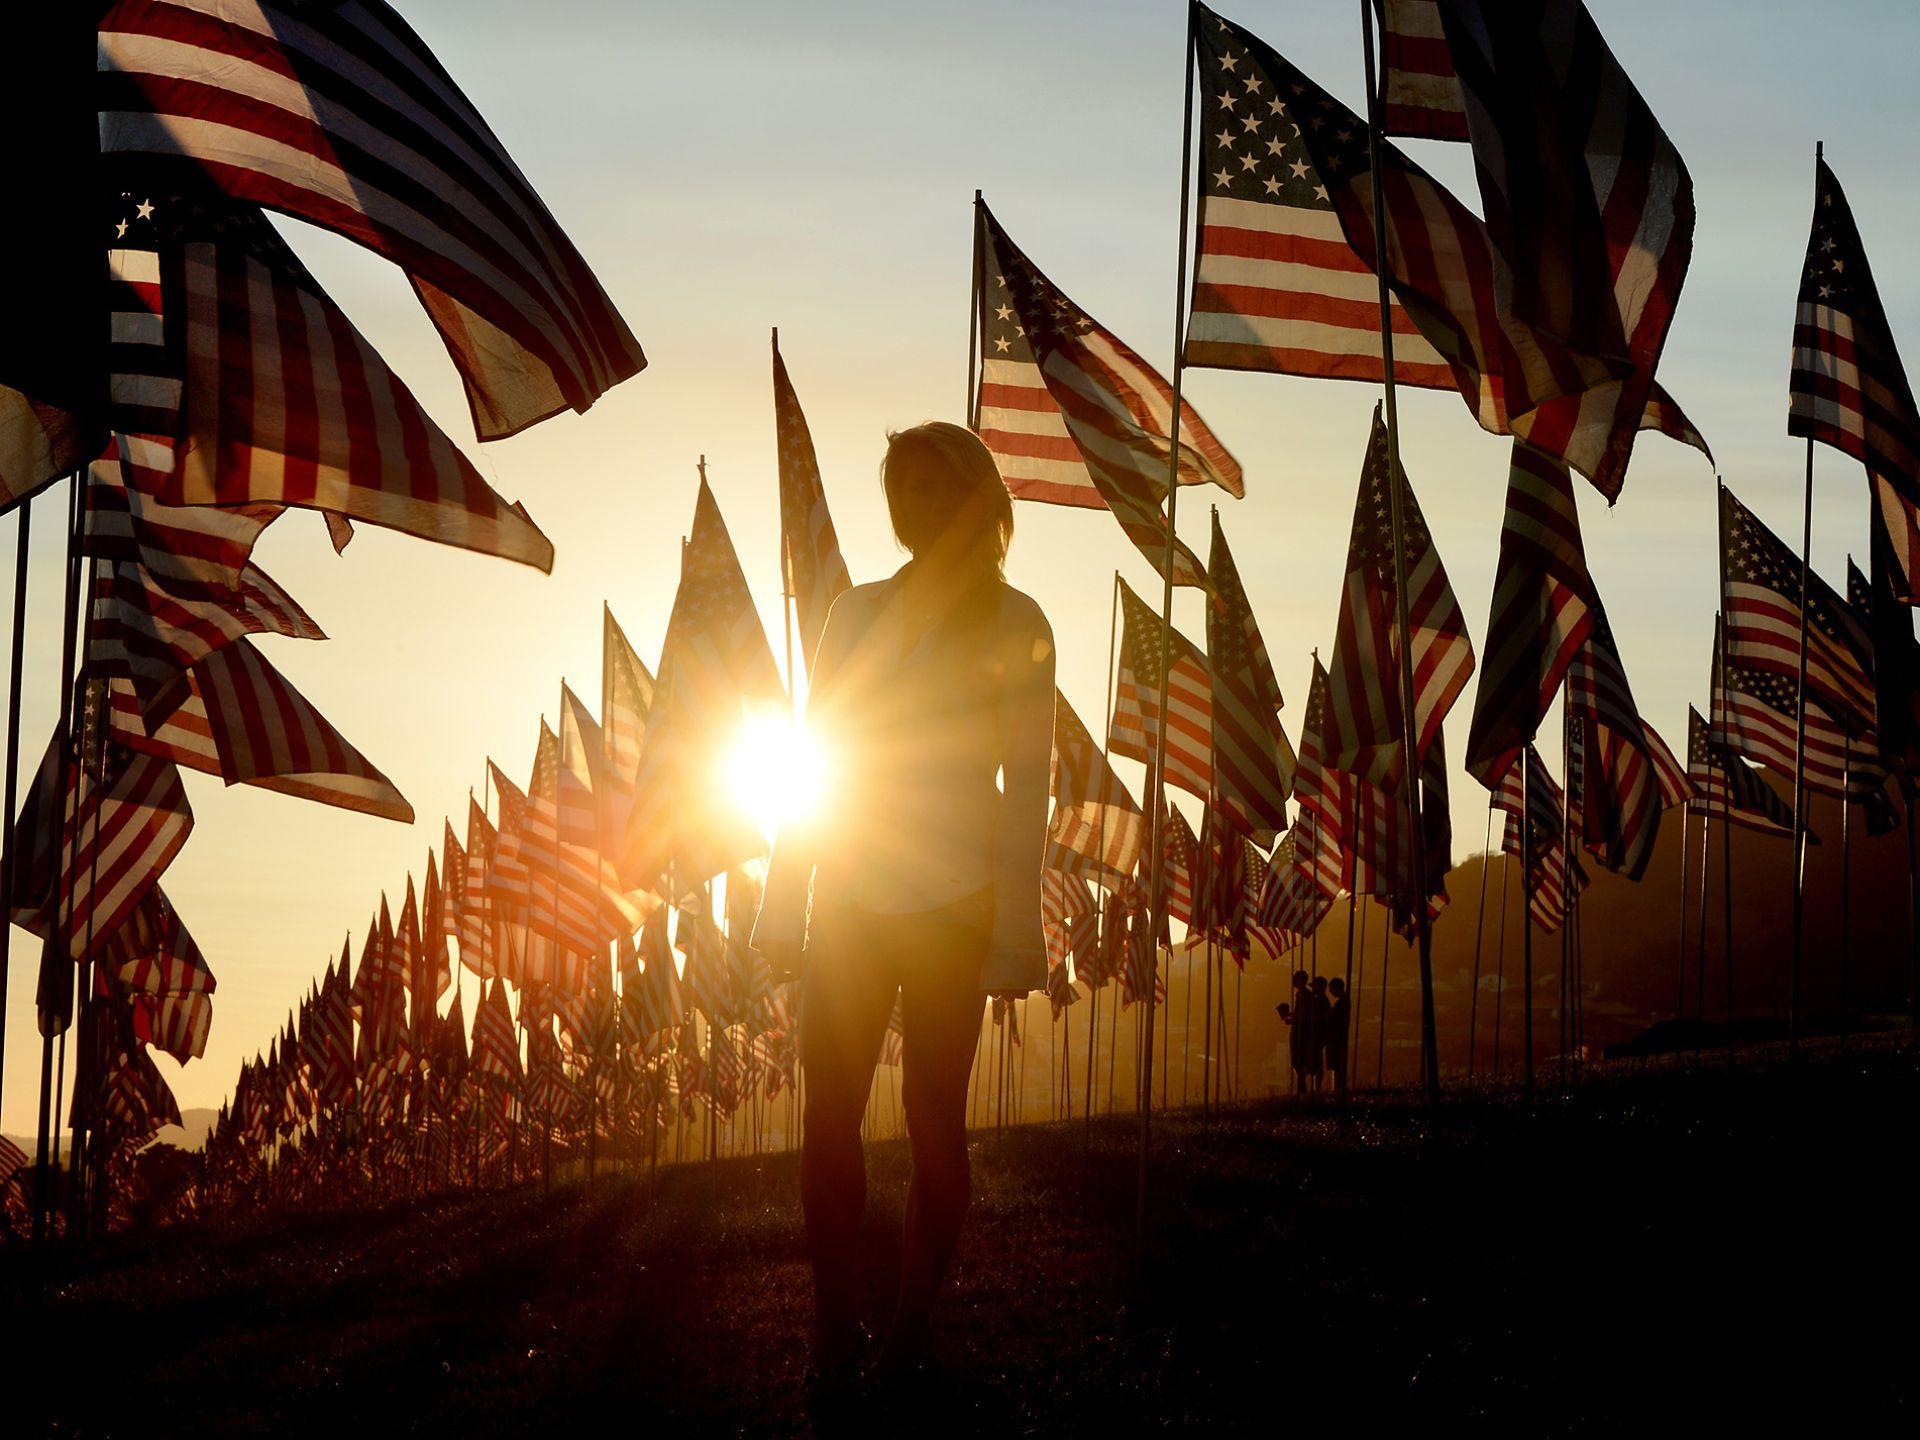 3000面美国国旗象征着3000名遇难者。一名来自女性站在夕阳下,缅怀逝者。